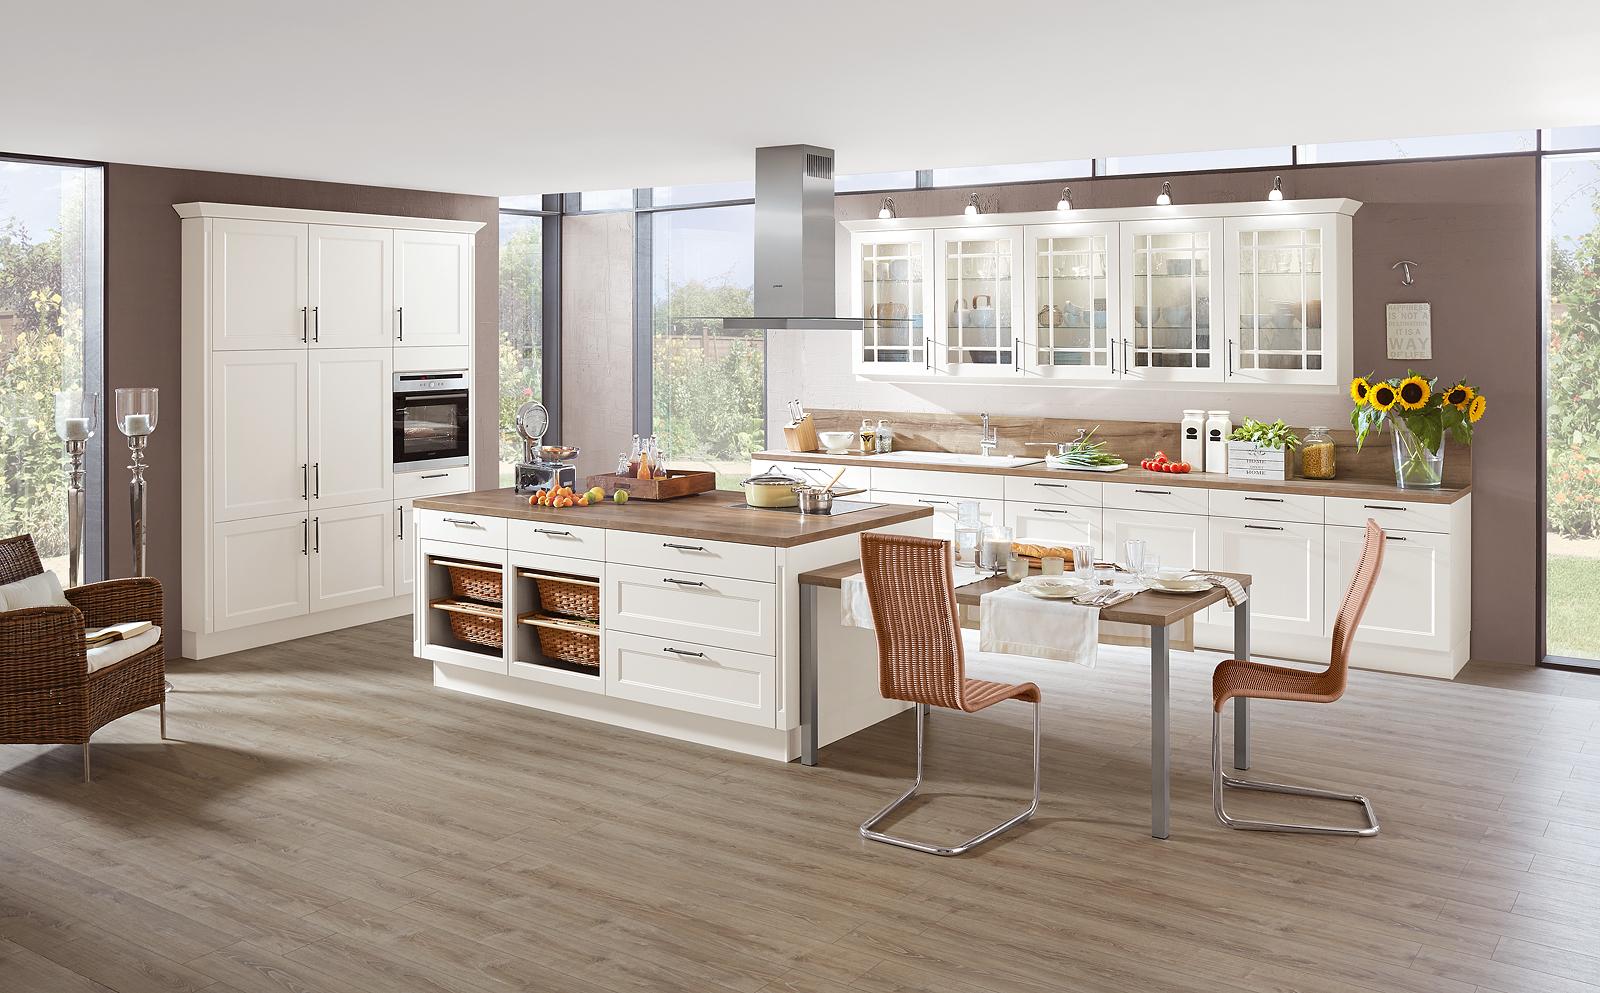 Küchen kaufen  moderne Küche Archive - Günstig Küchen kaufen